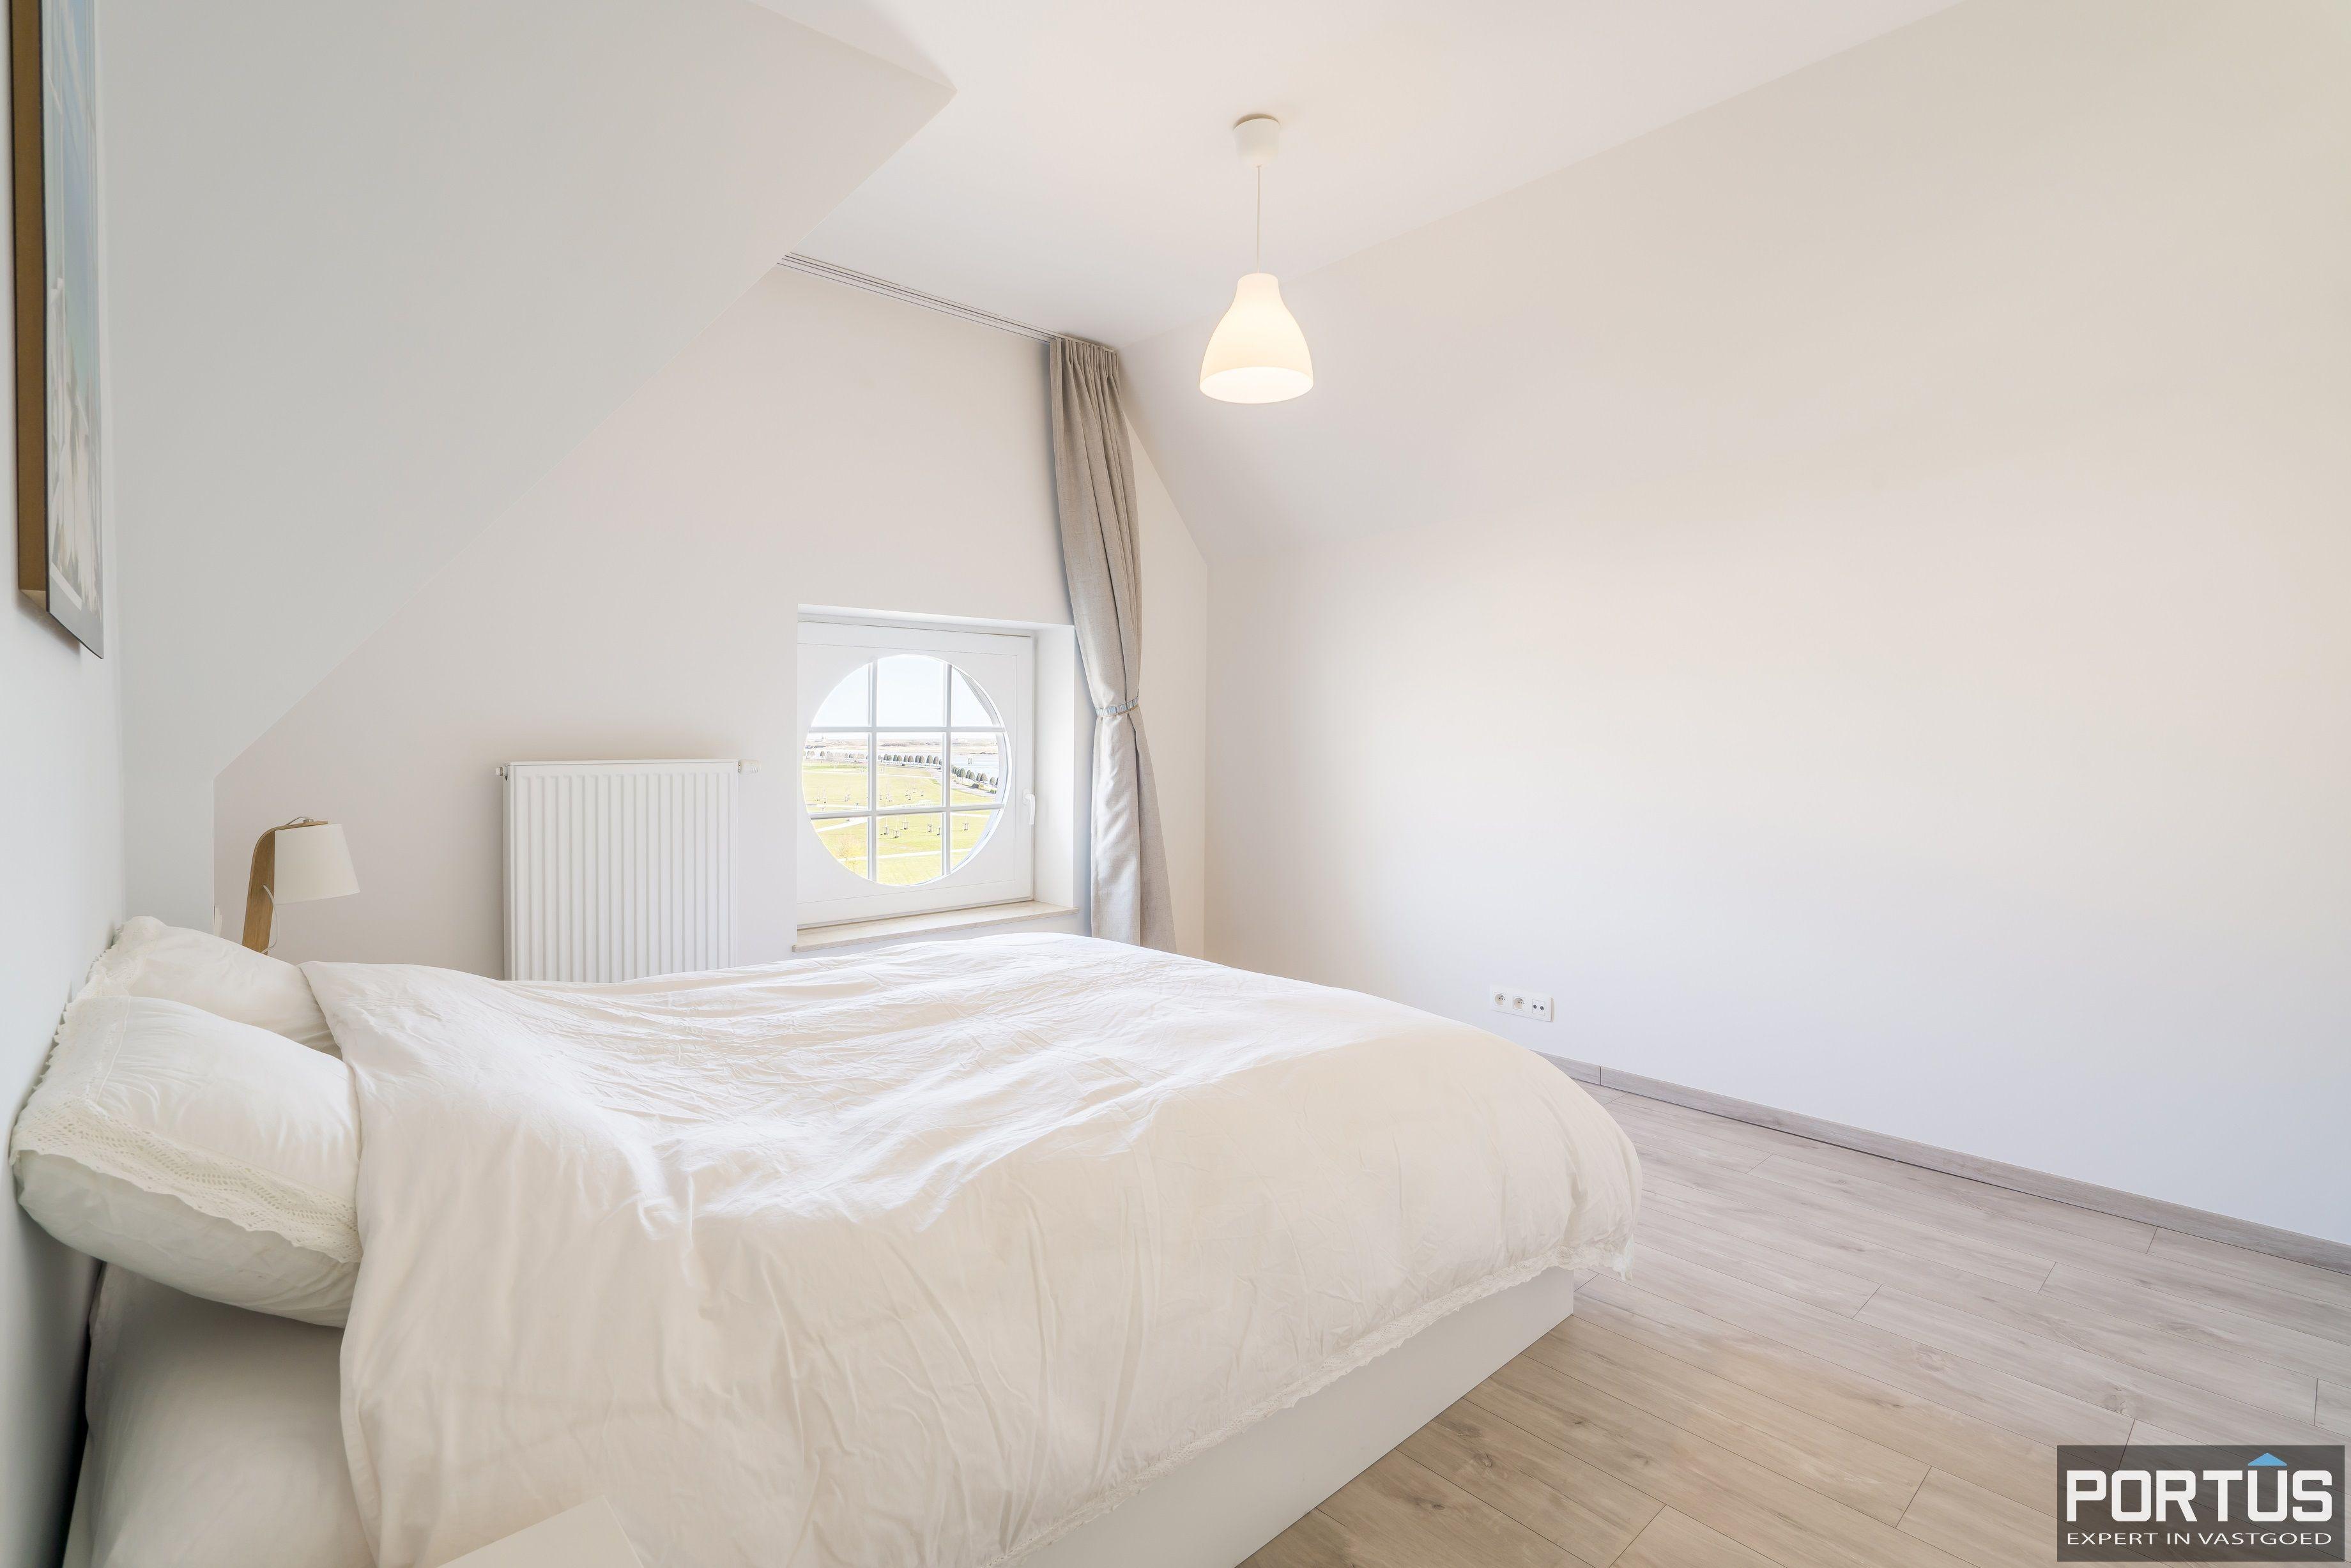 Instapklaar appartement te koop met prachtig zicht op Maritiem park te Nieuwpoort - 13307